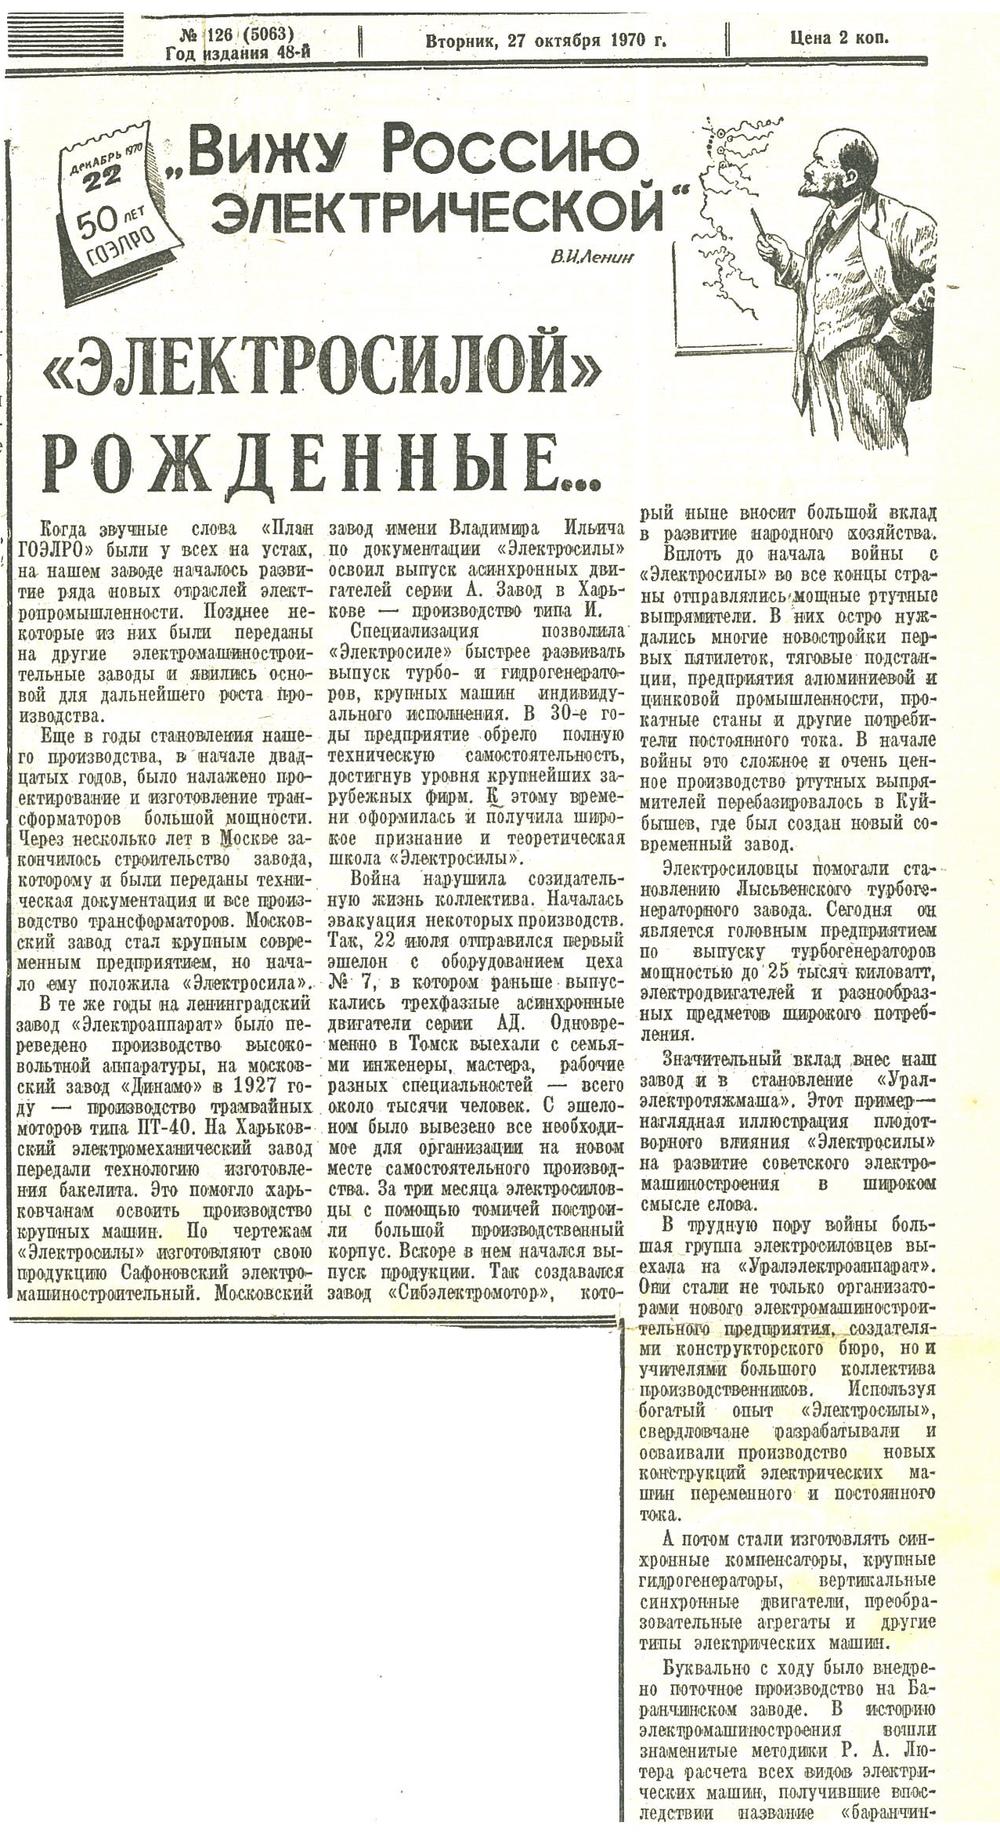 «Электросилой» рожденные. Октябрь, 1970 год